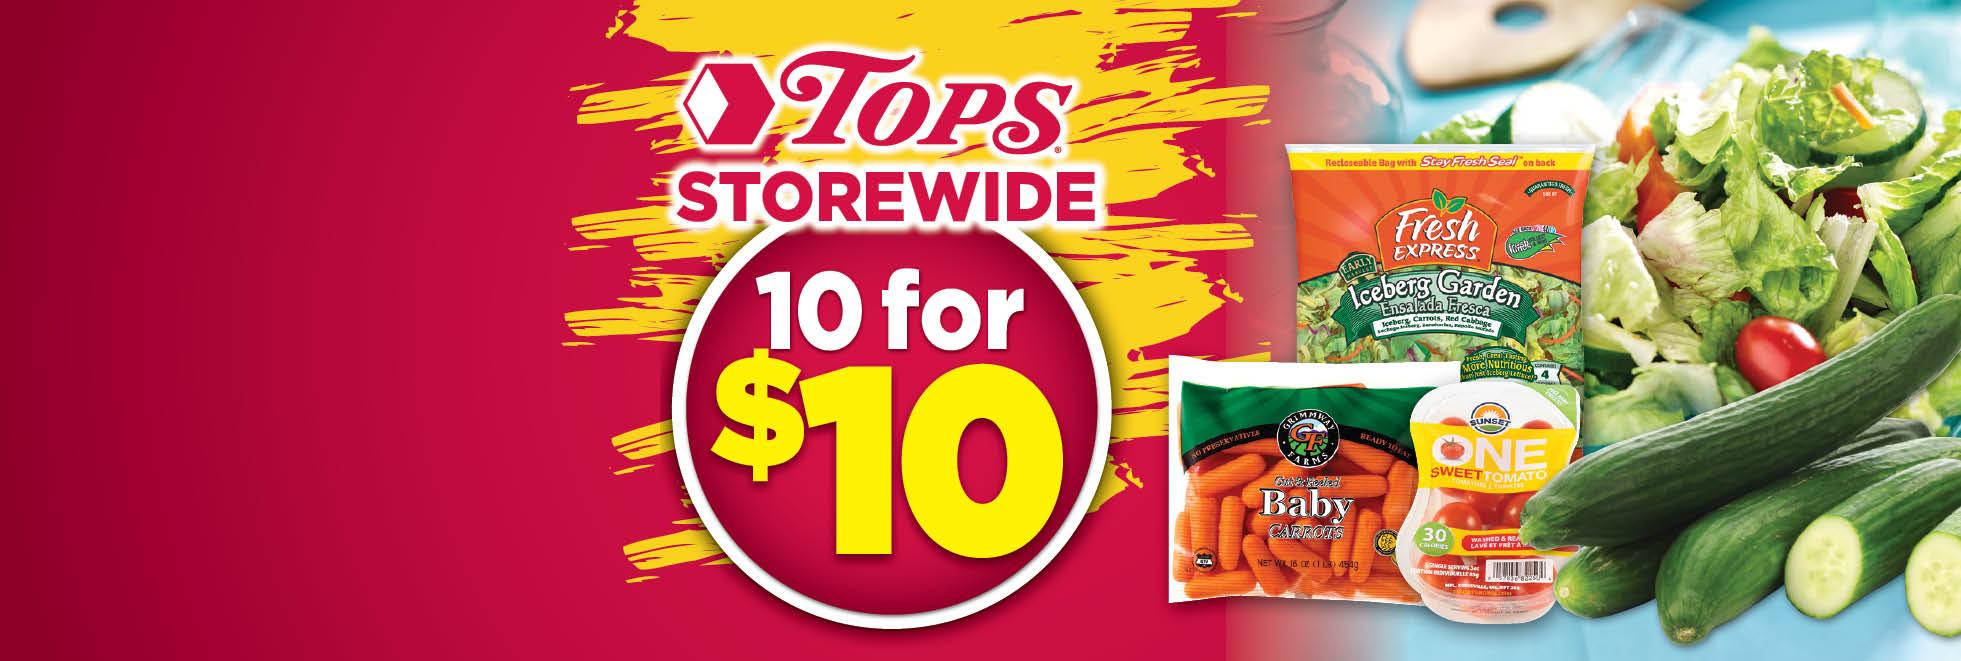 TOPS Storewide $1 Days